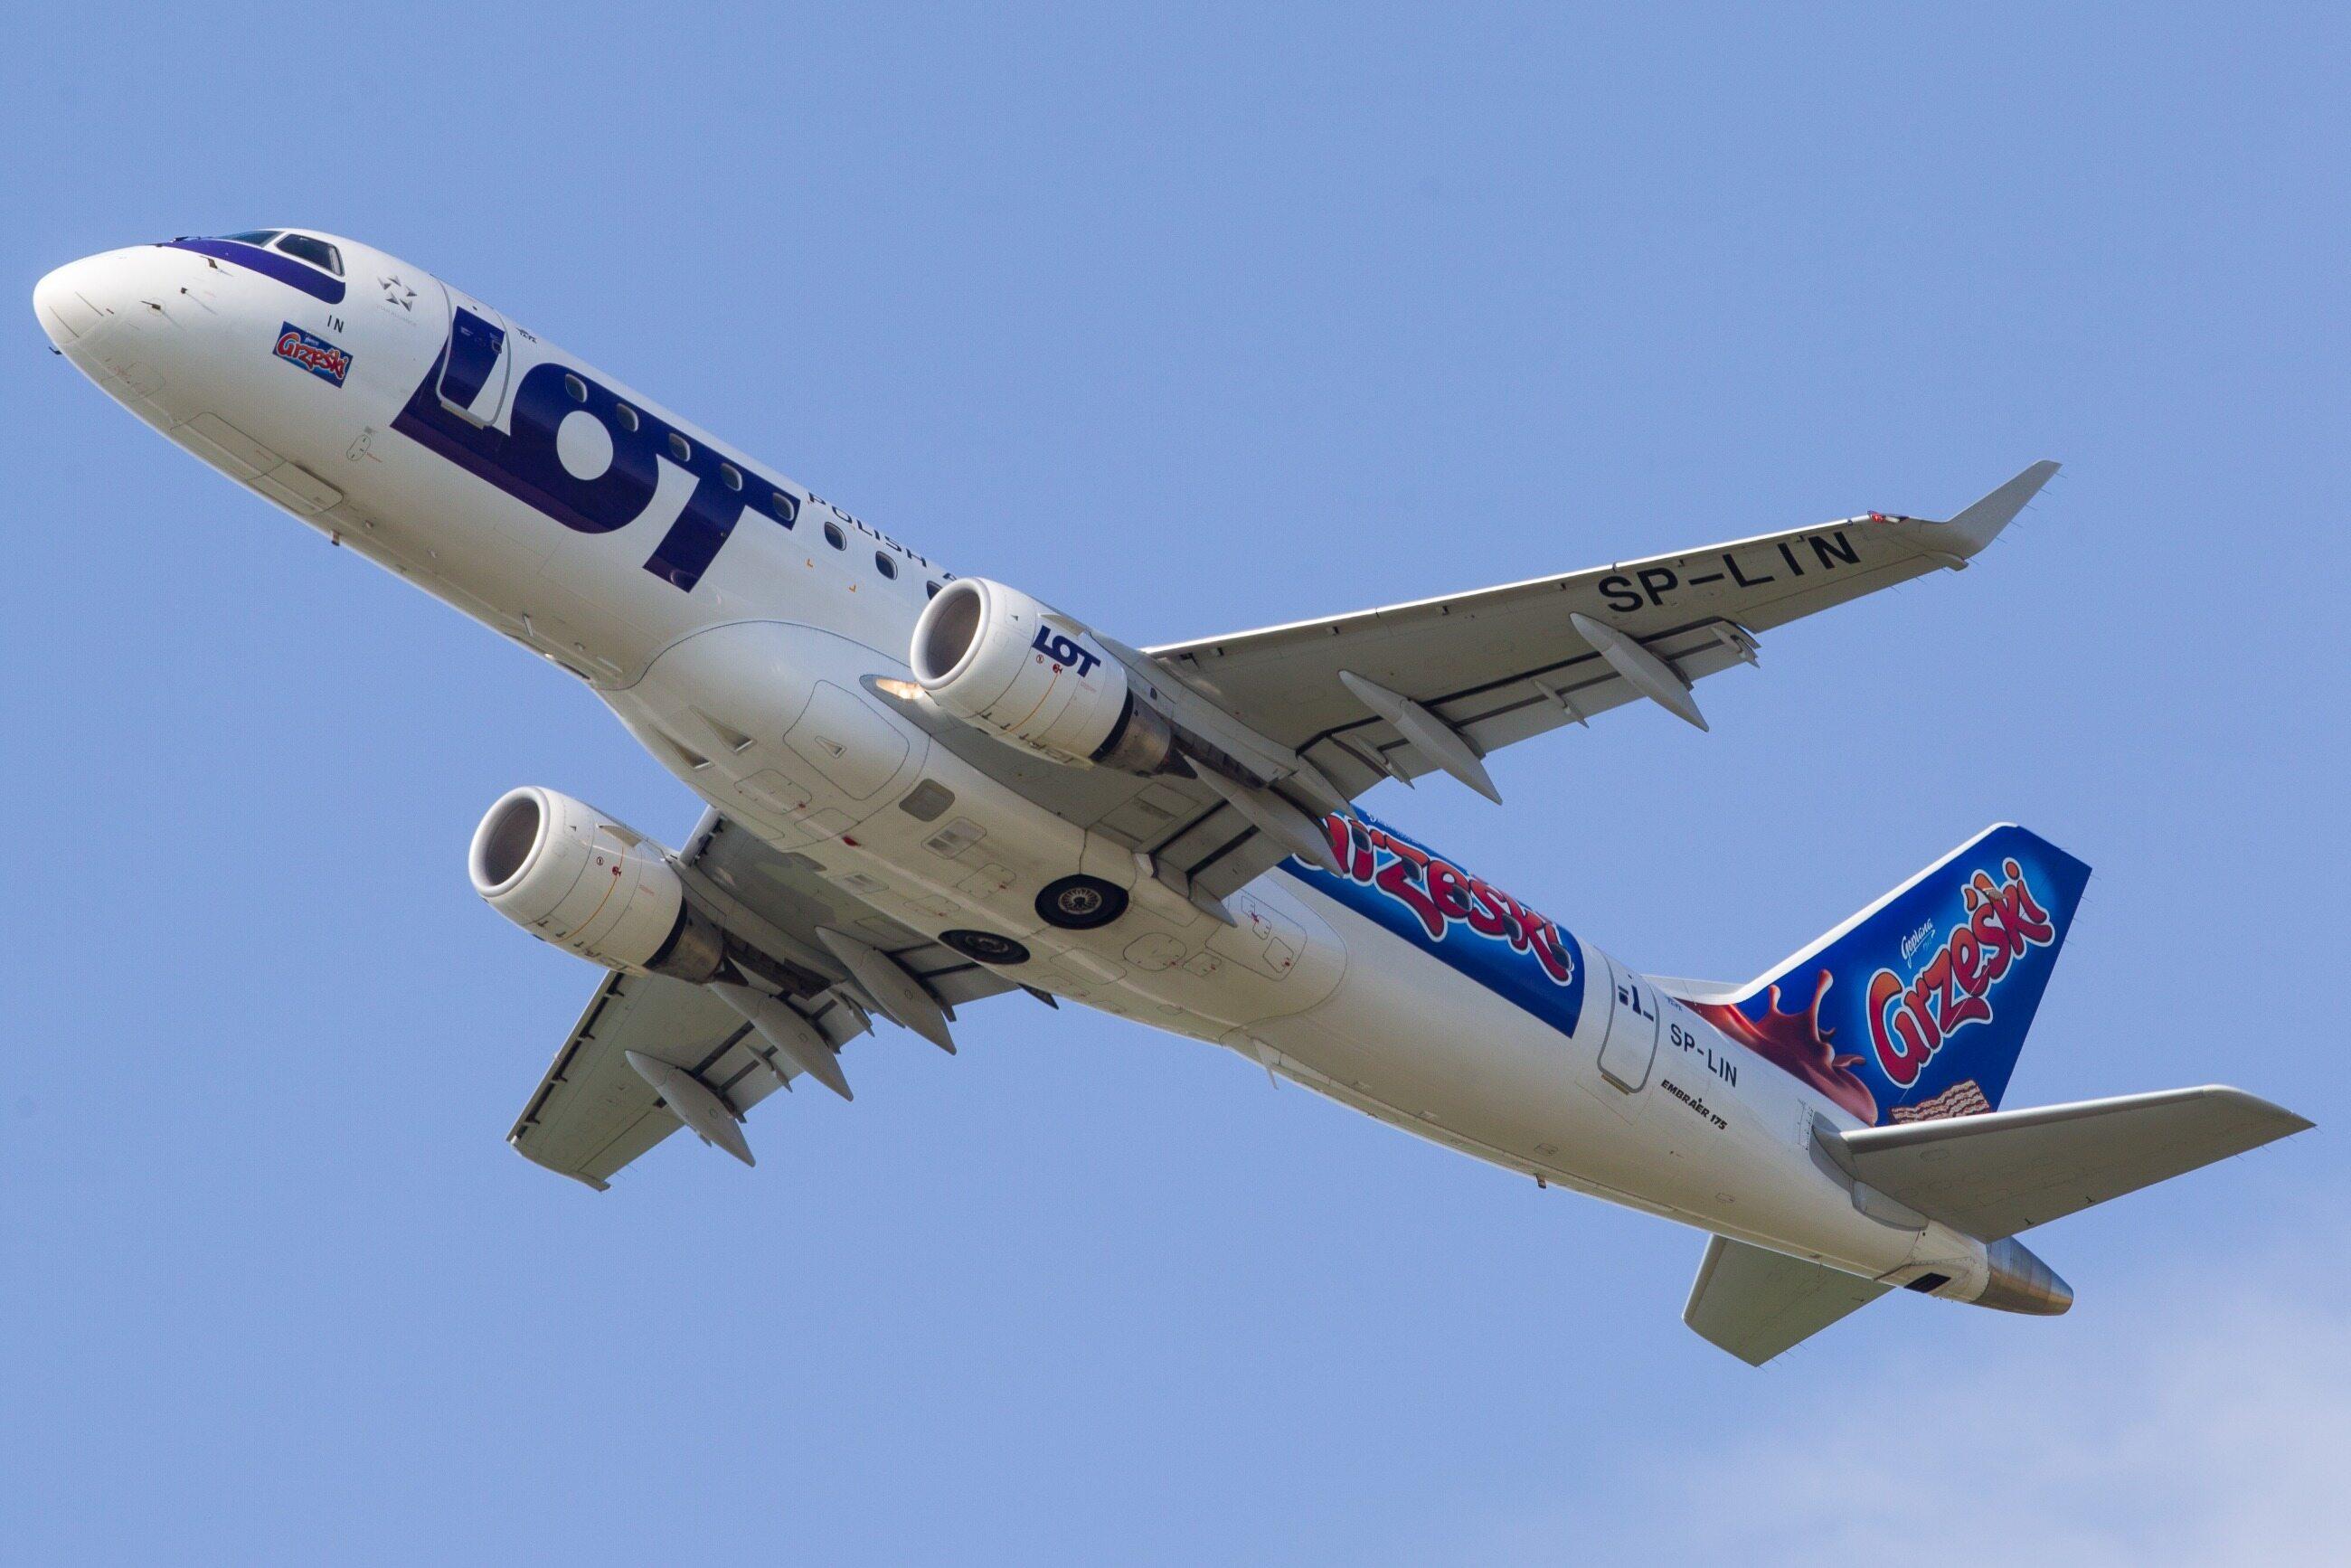 Samolot z logiem Grześków